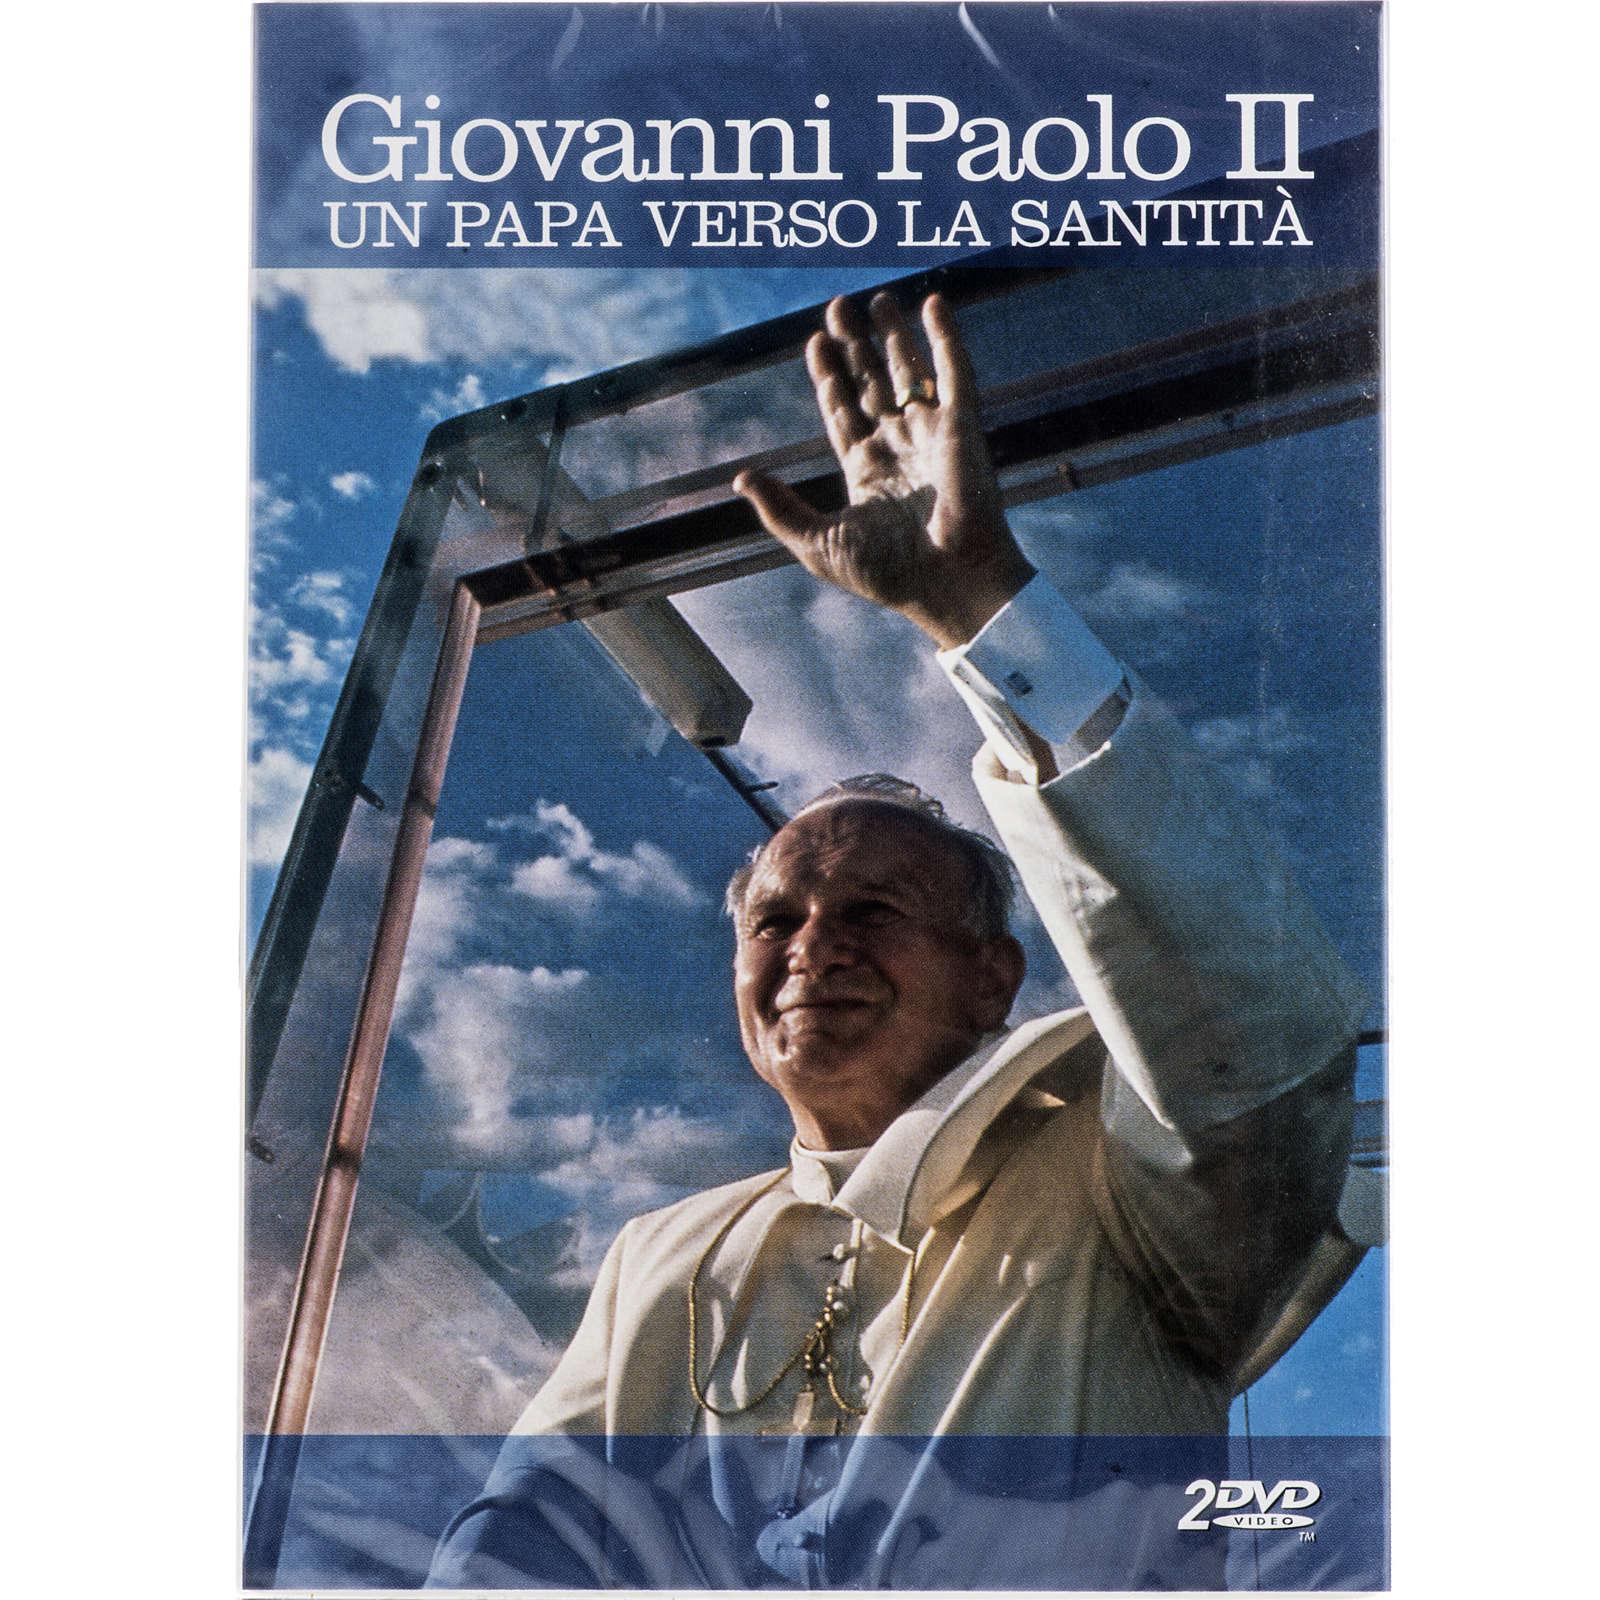 Giovanni Paolo II un papa verso la santità - 2 DVD 3